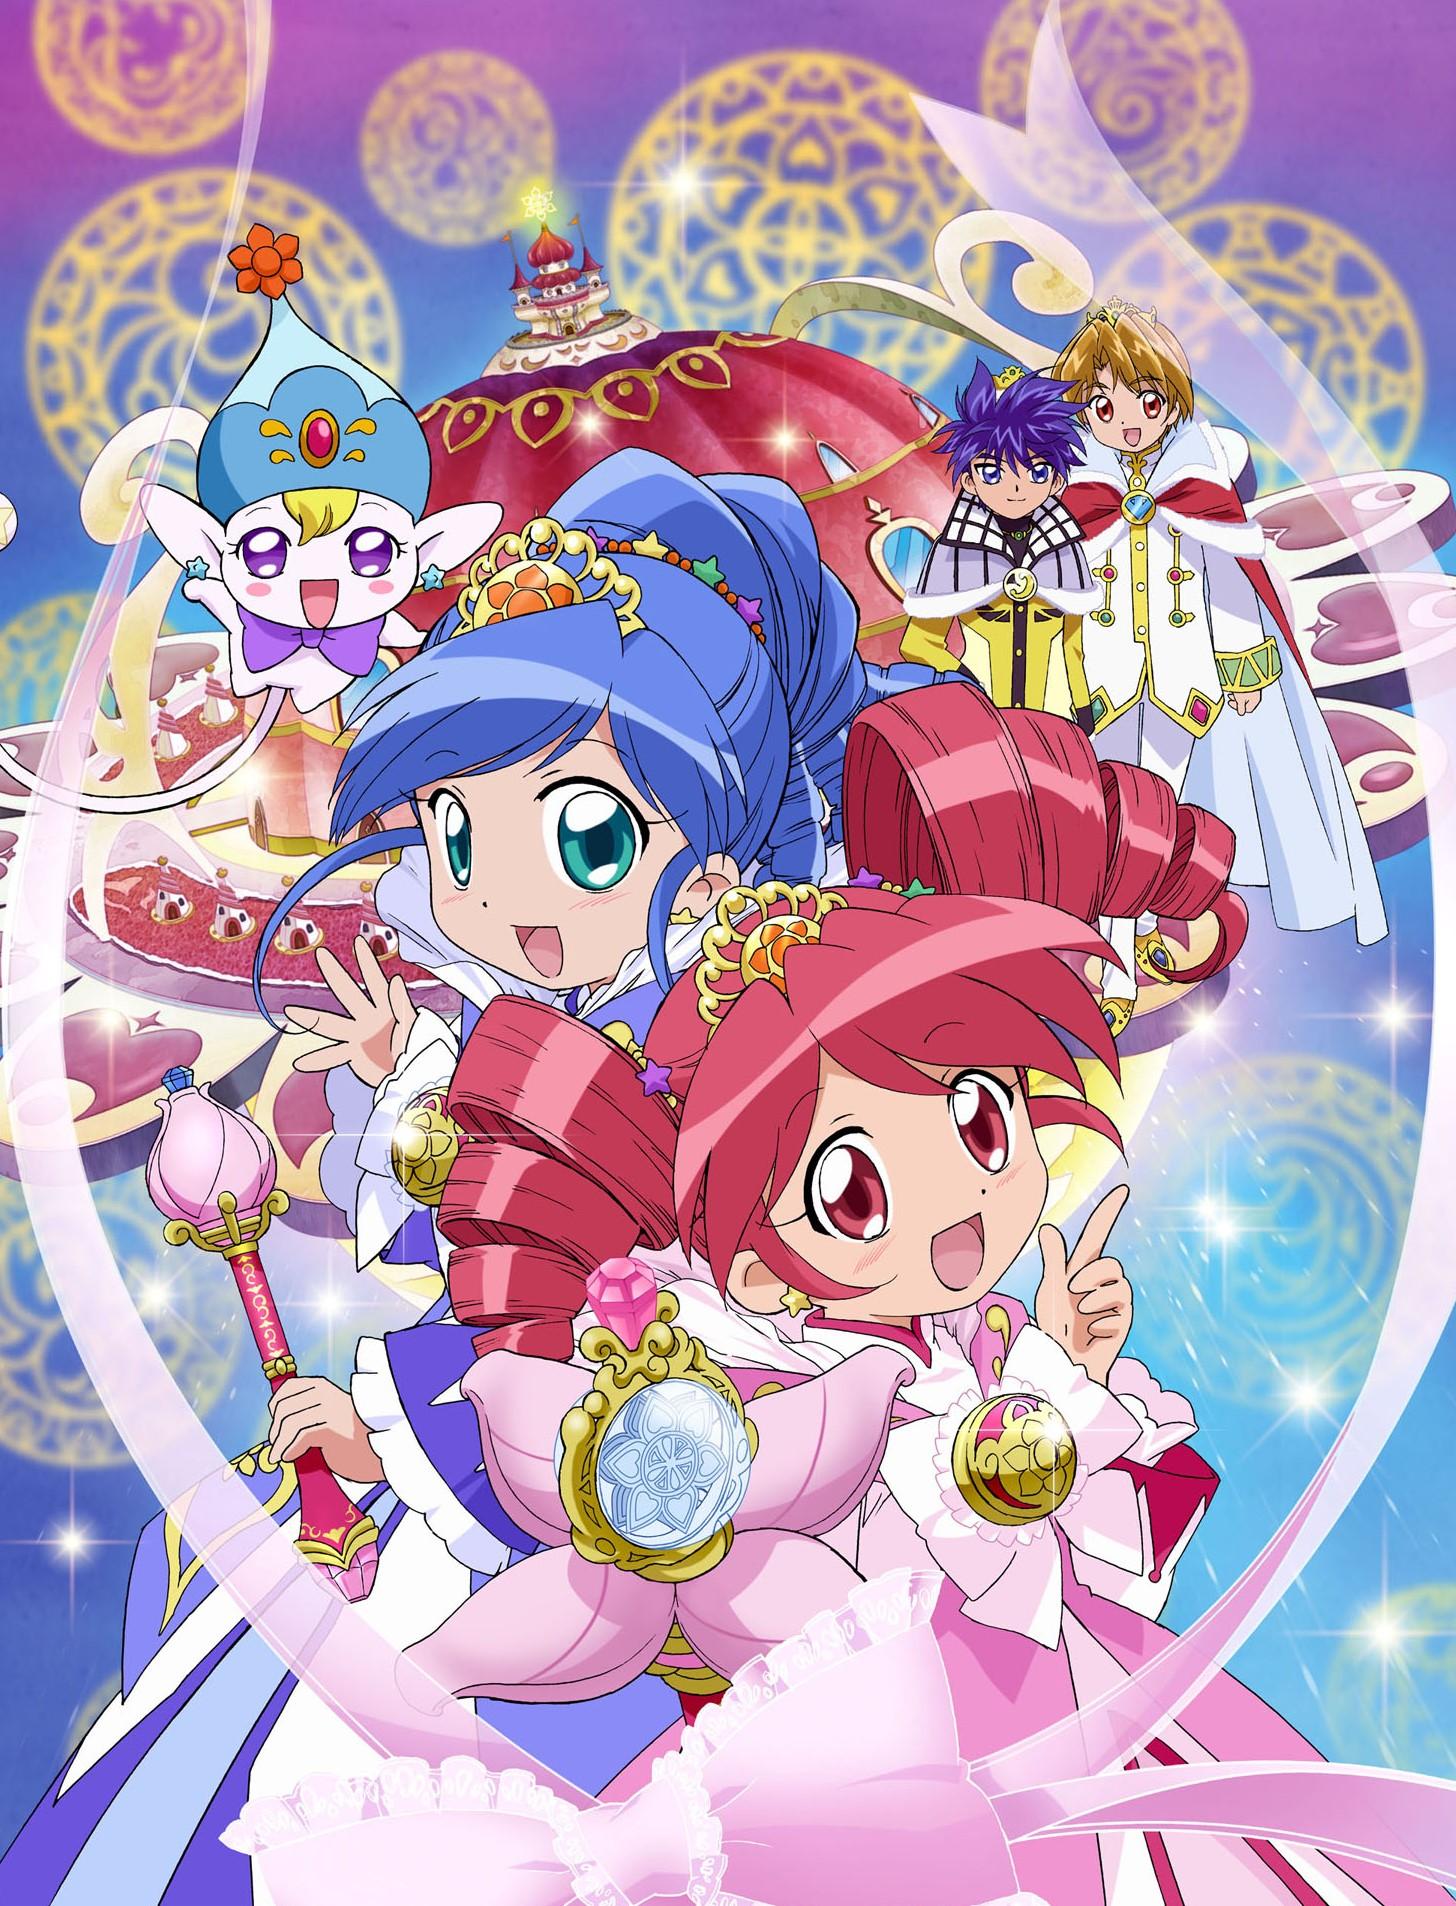 TVアニメ「ふしぎ星の☆ふたご姫」シリーズがBD-BOXに!あの頃に戻った気持ちで見よう